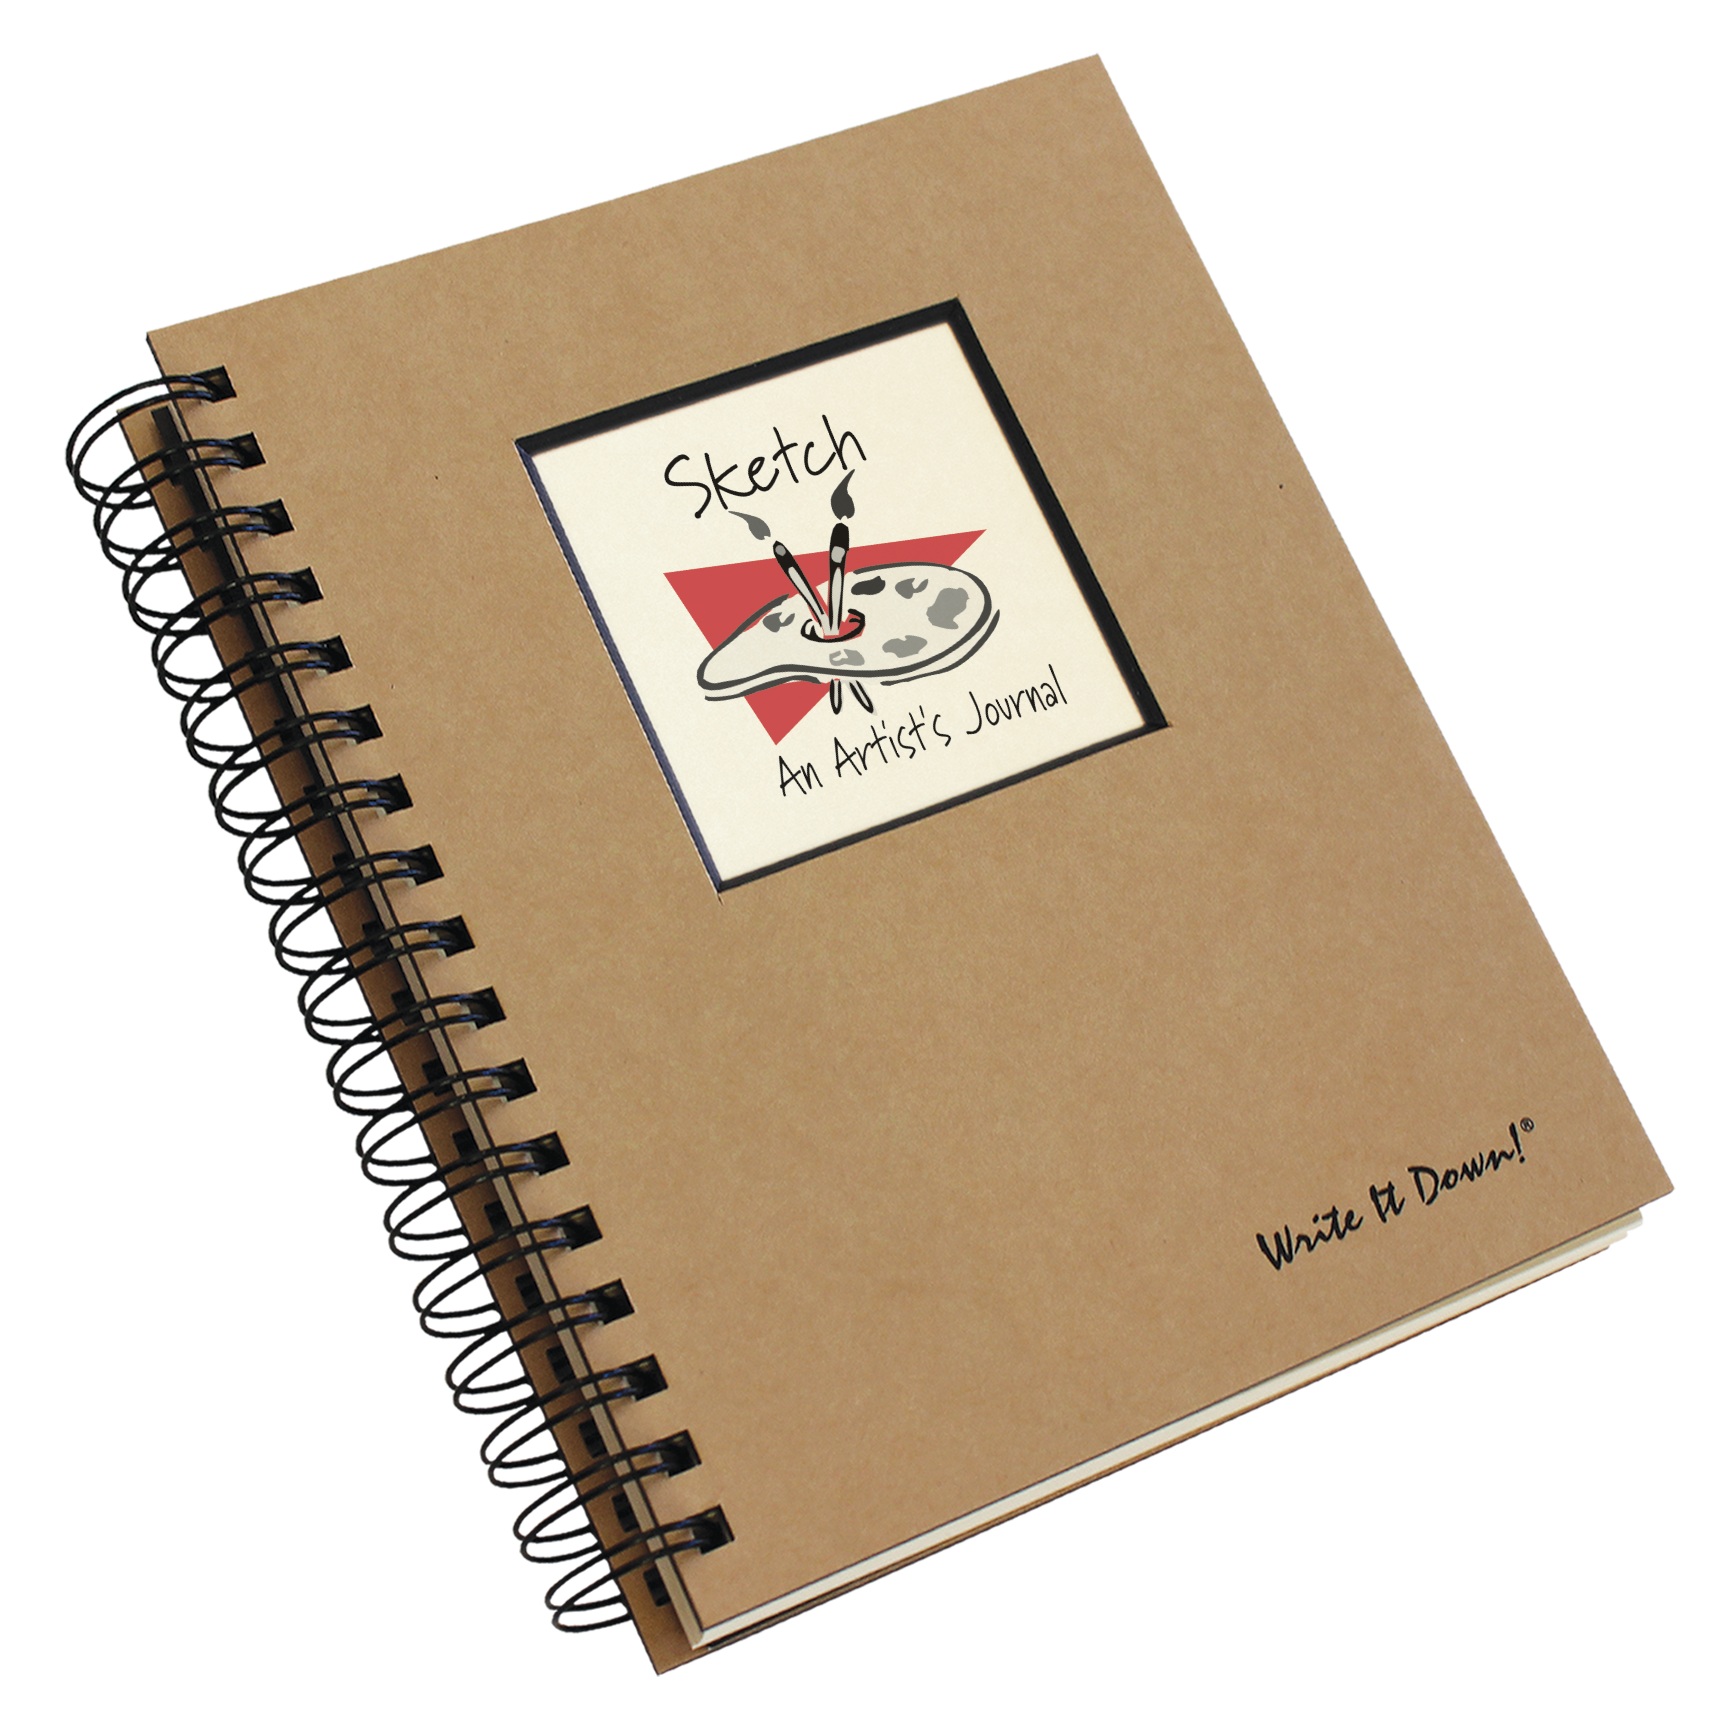 Sketch - An Artist's Journal